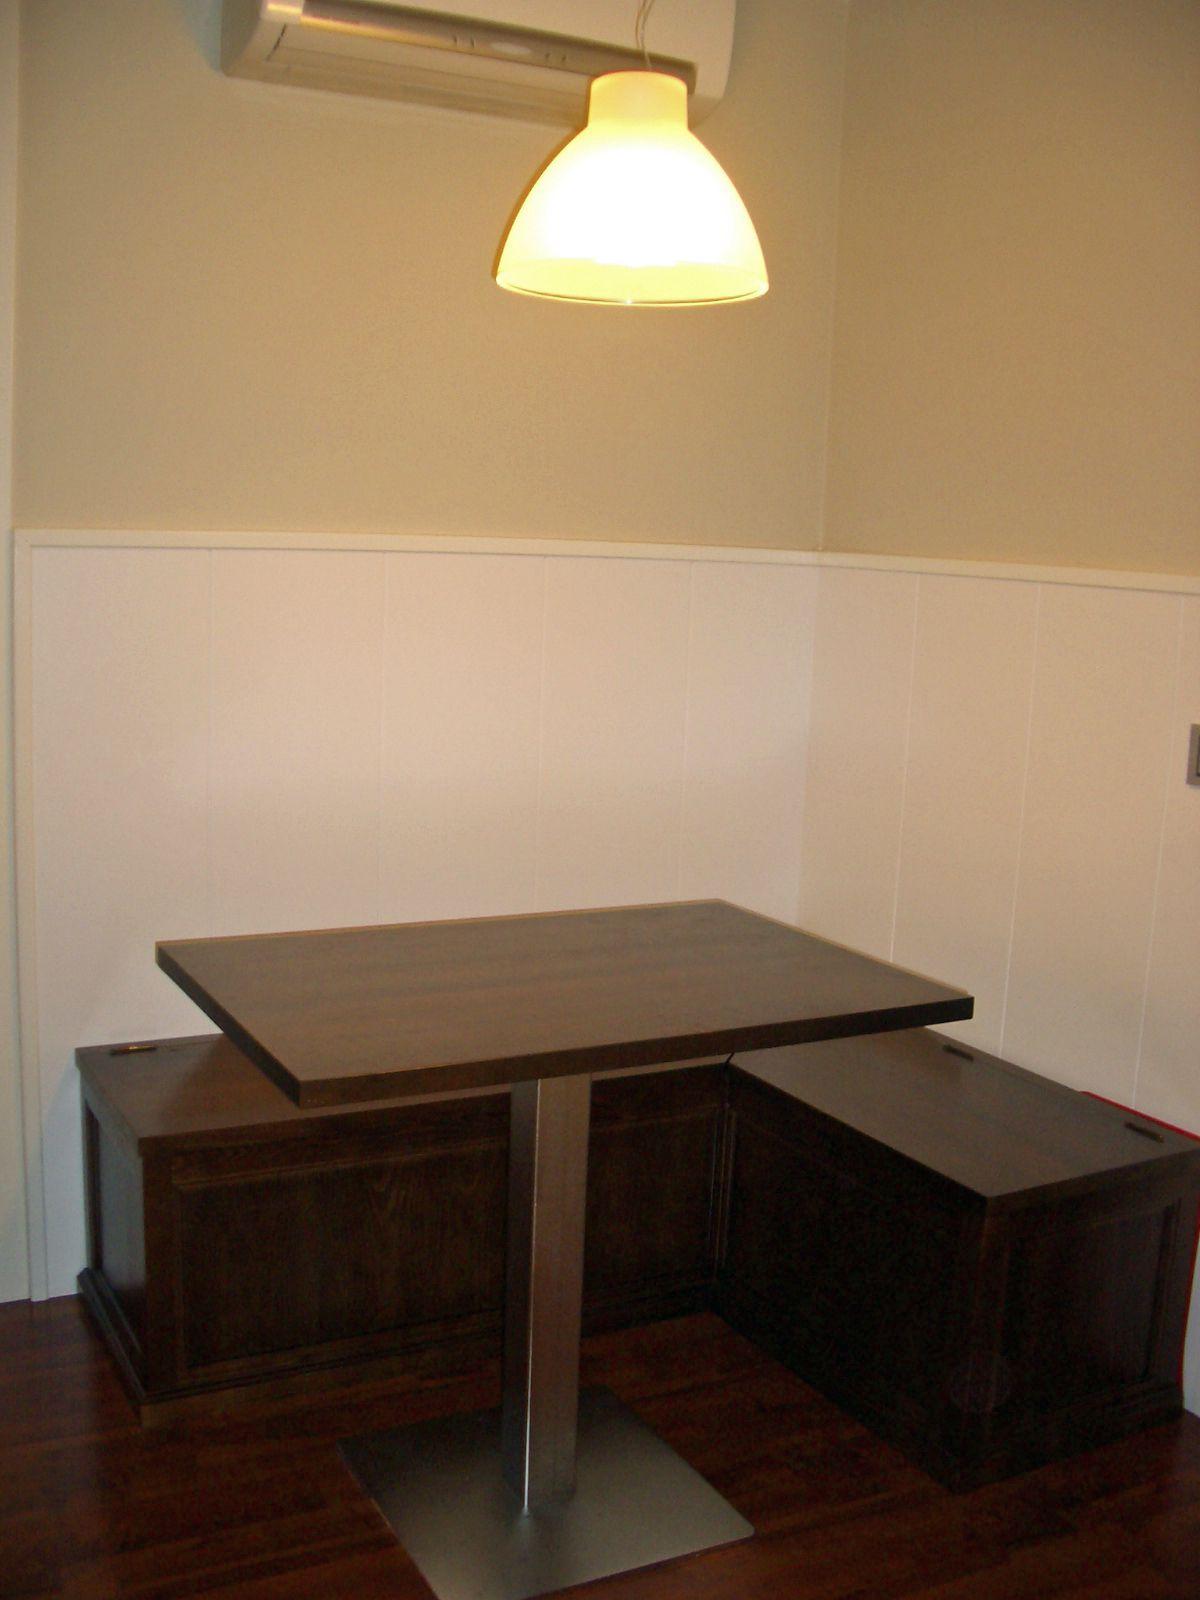 Rinconera de cocina con asientos tipo ba l y pie de mesa - Mesa esquinera cocina ...